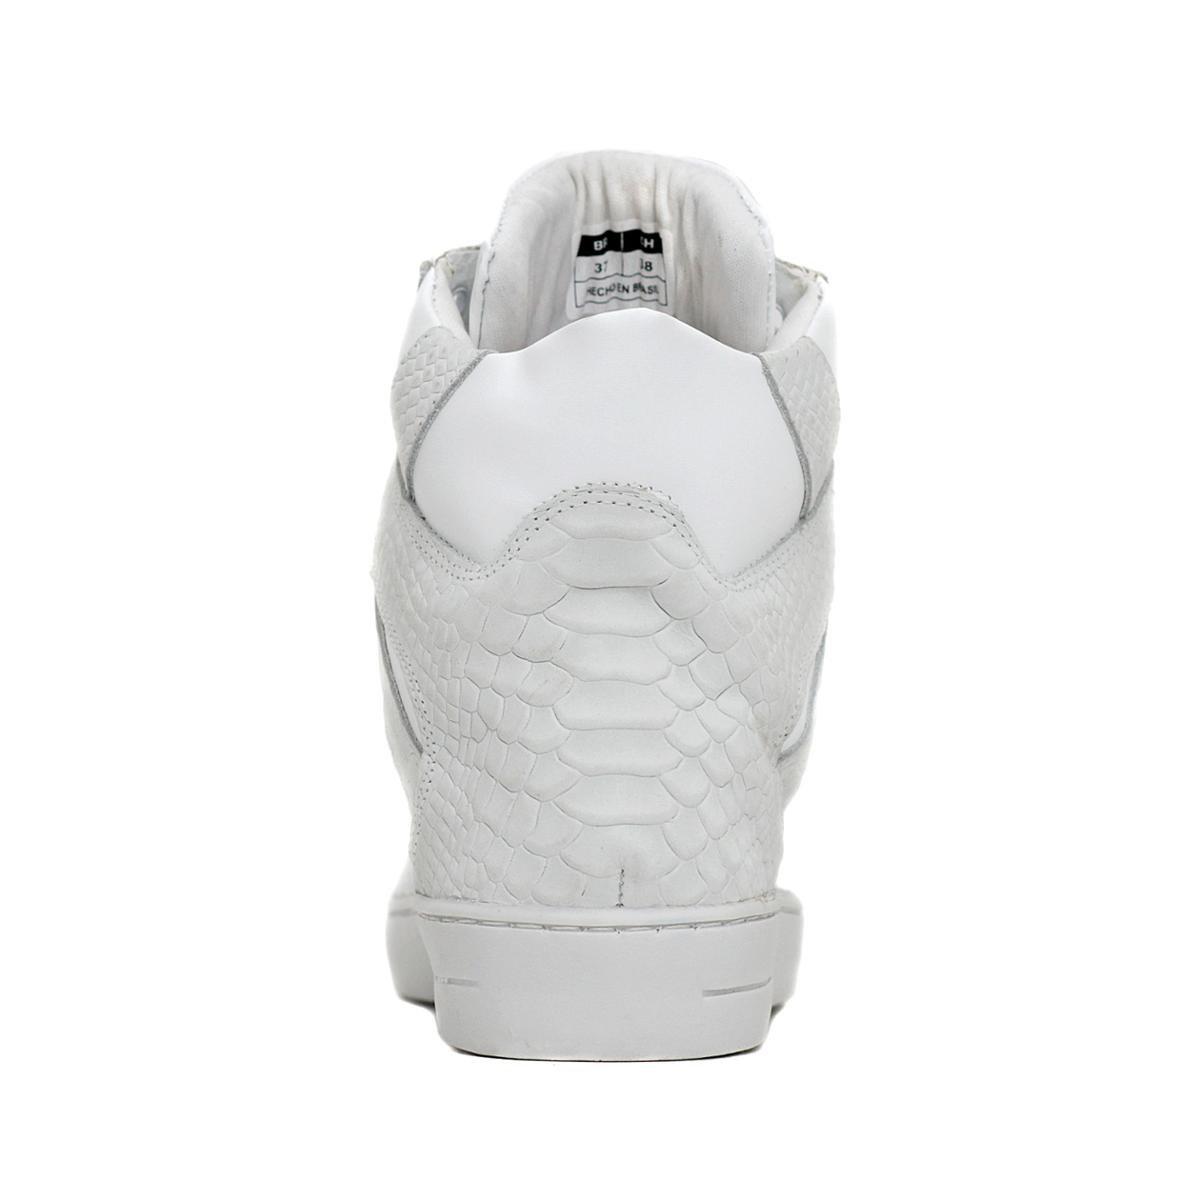 Feminino Tênis Tênis Branco em Couro Fitness K3 Fitness K3 Trendy Trendy xP6w1f0q6